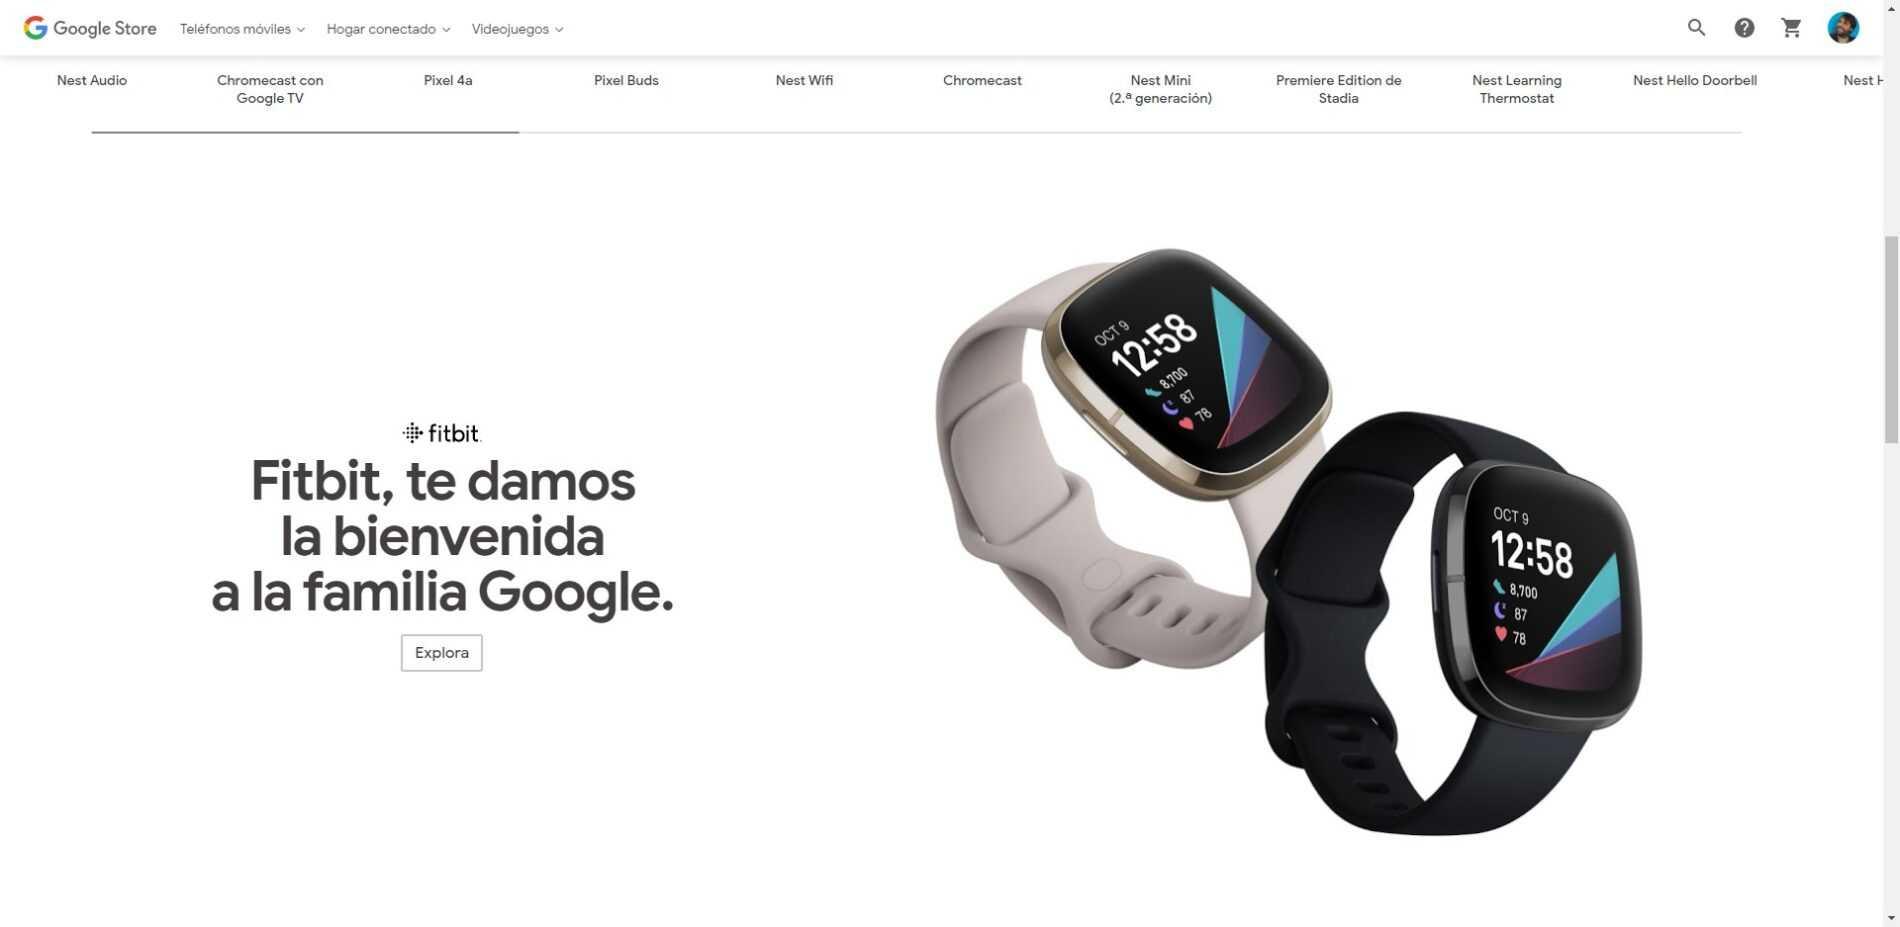 Le Google Store accueille Fitbit et affiche ses montres dans le magasin